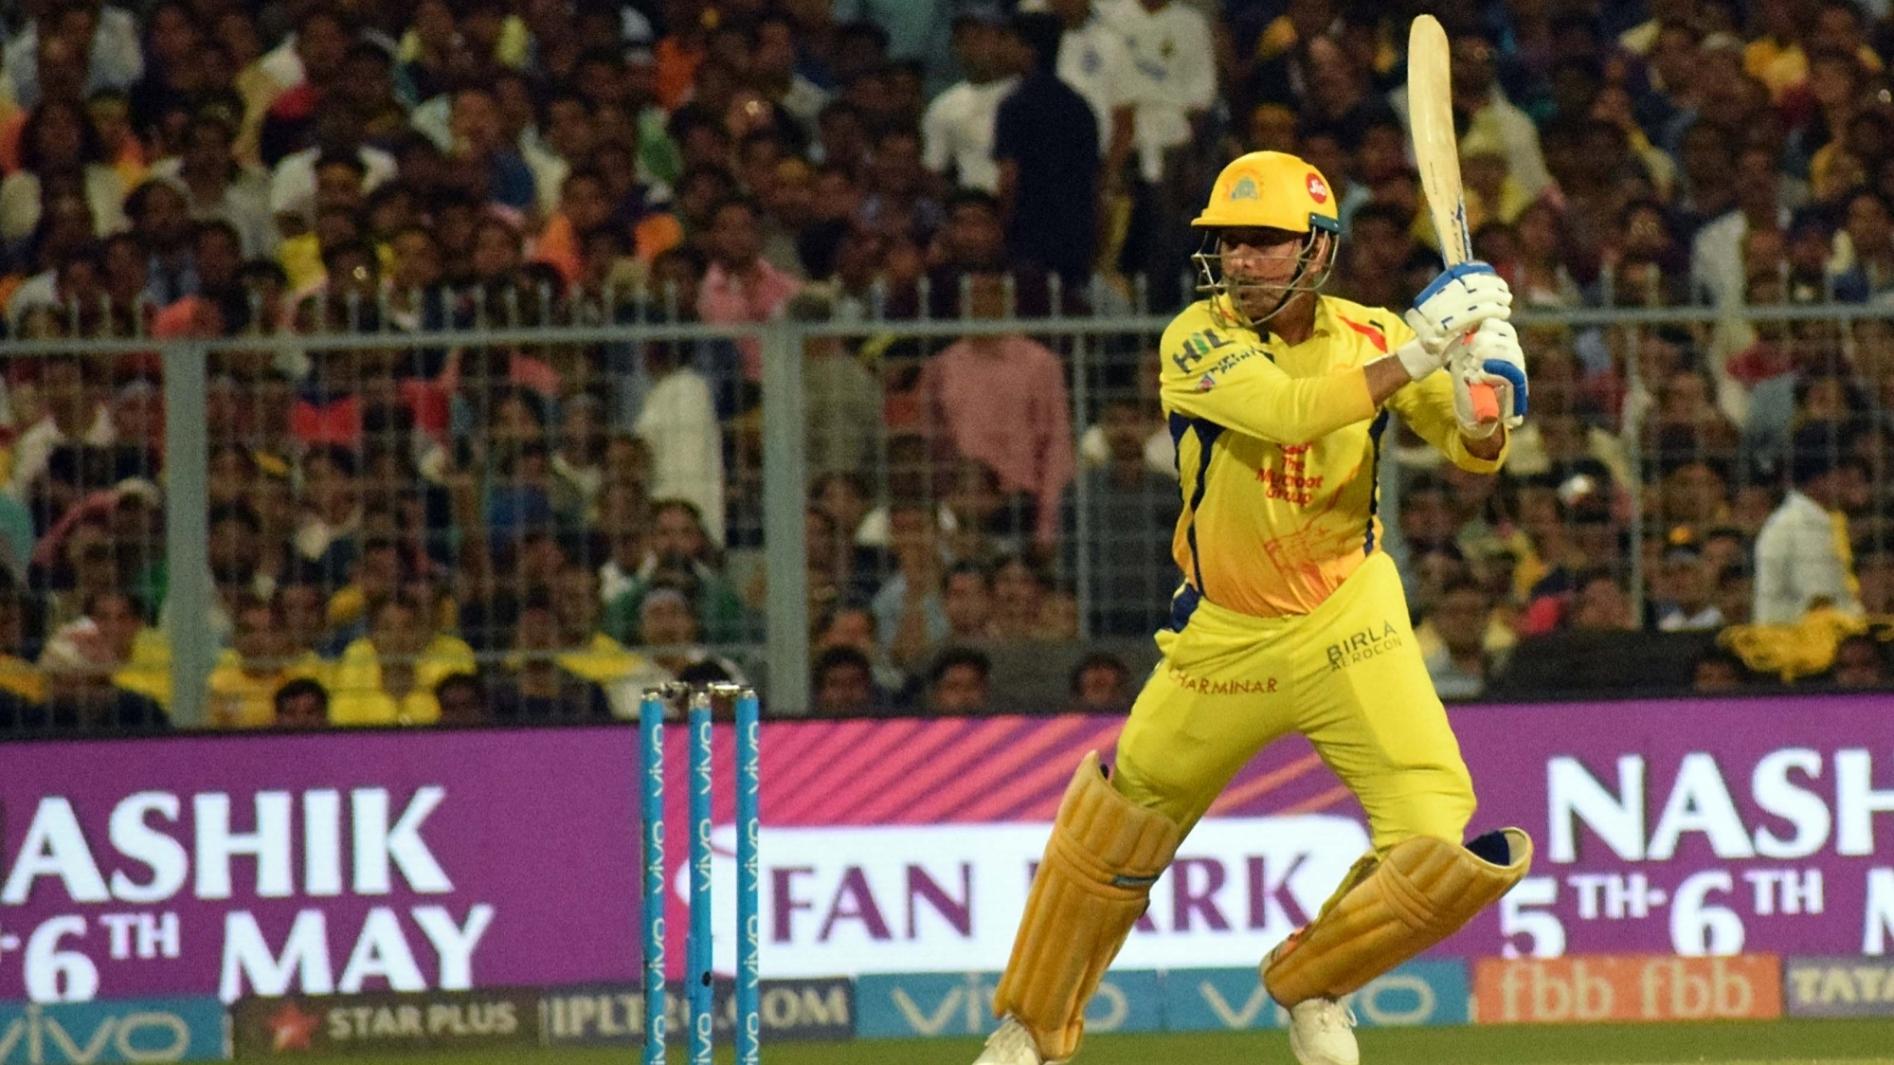 IPL 2018 : सुब्रमण्यम बद्रीनाथ ने कहा कि एमएस धोनी आईपीएल में मचा रहे हैं धमाल